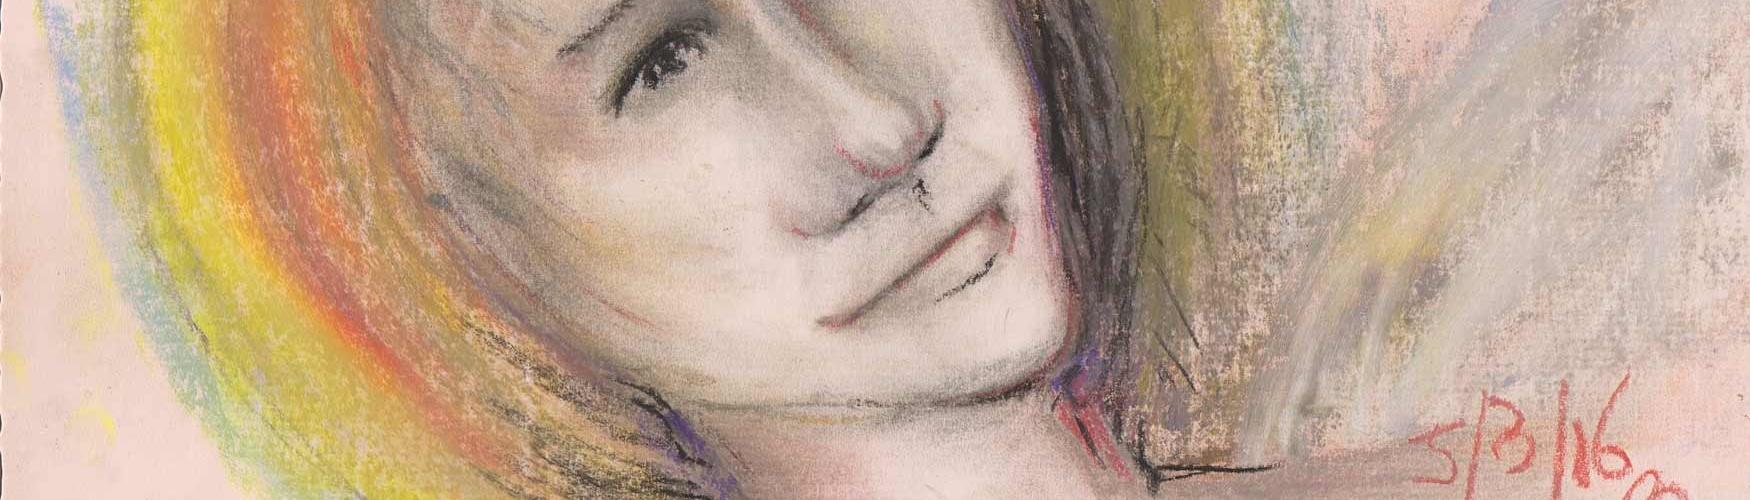 Spirit-Art-by-Melanie-Ladewig (70)